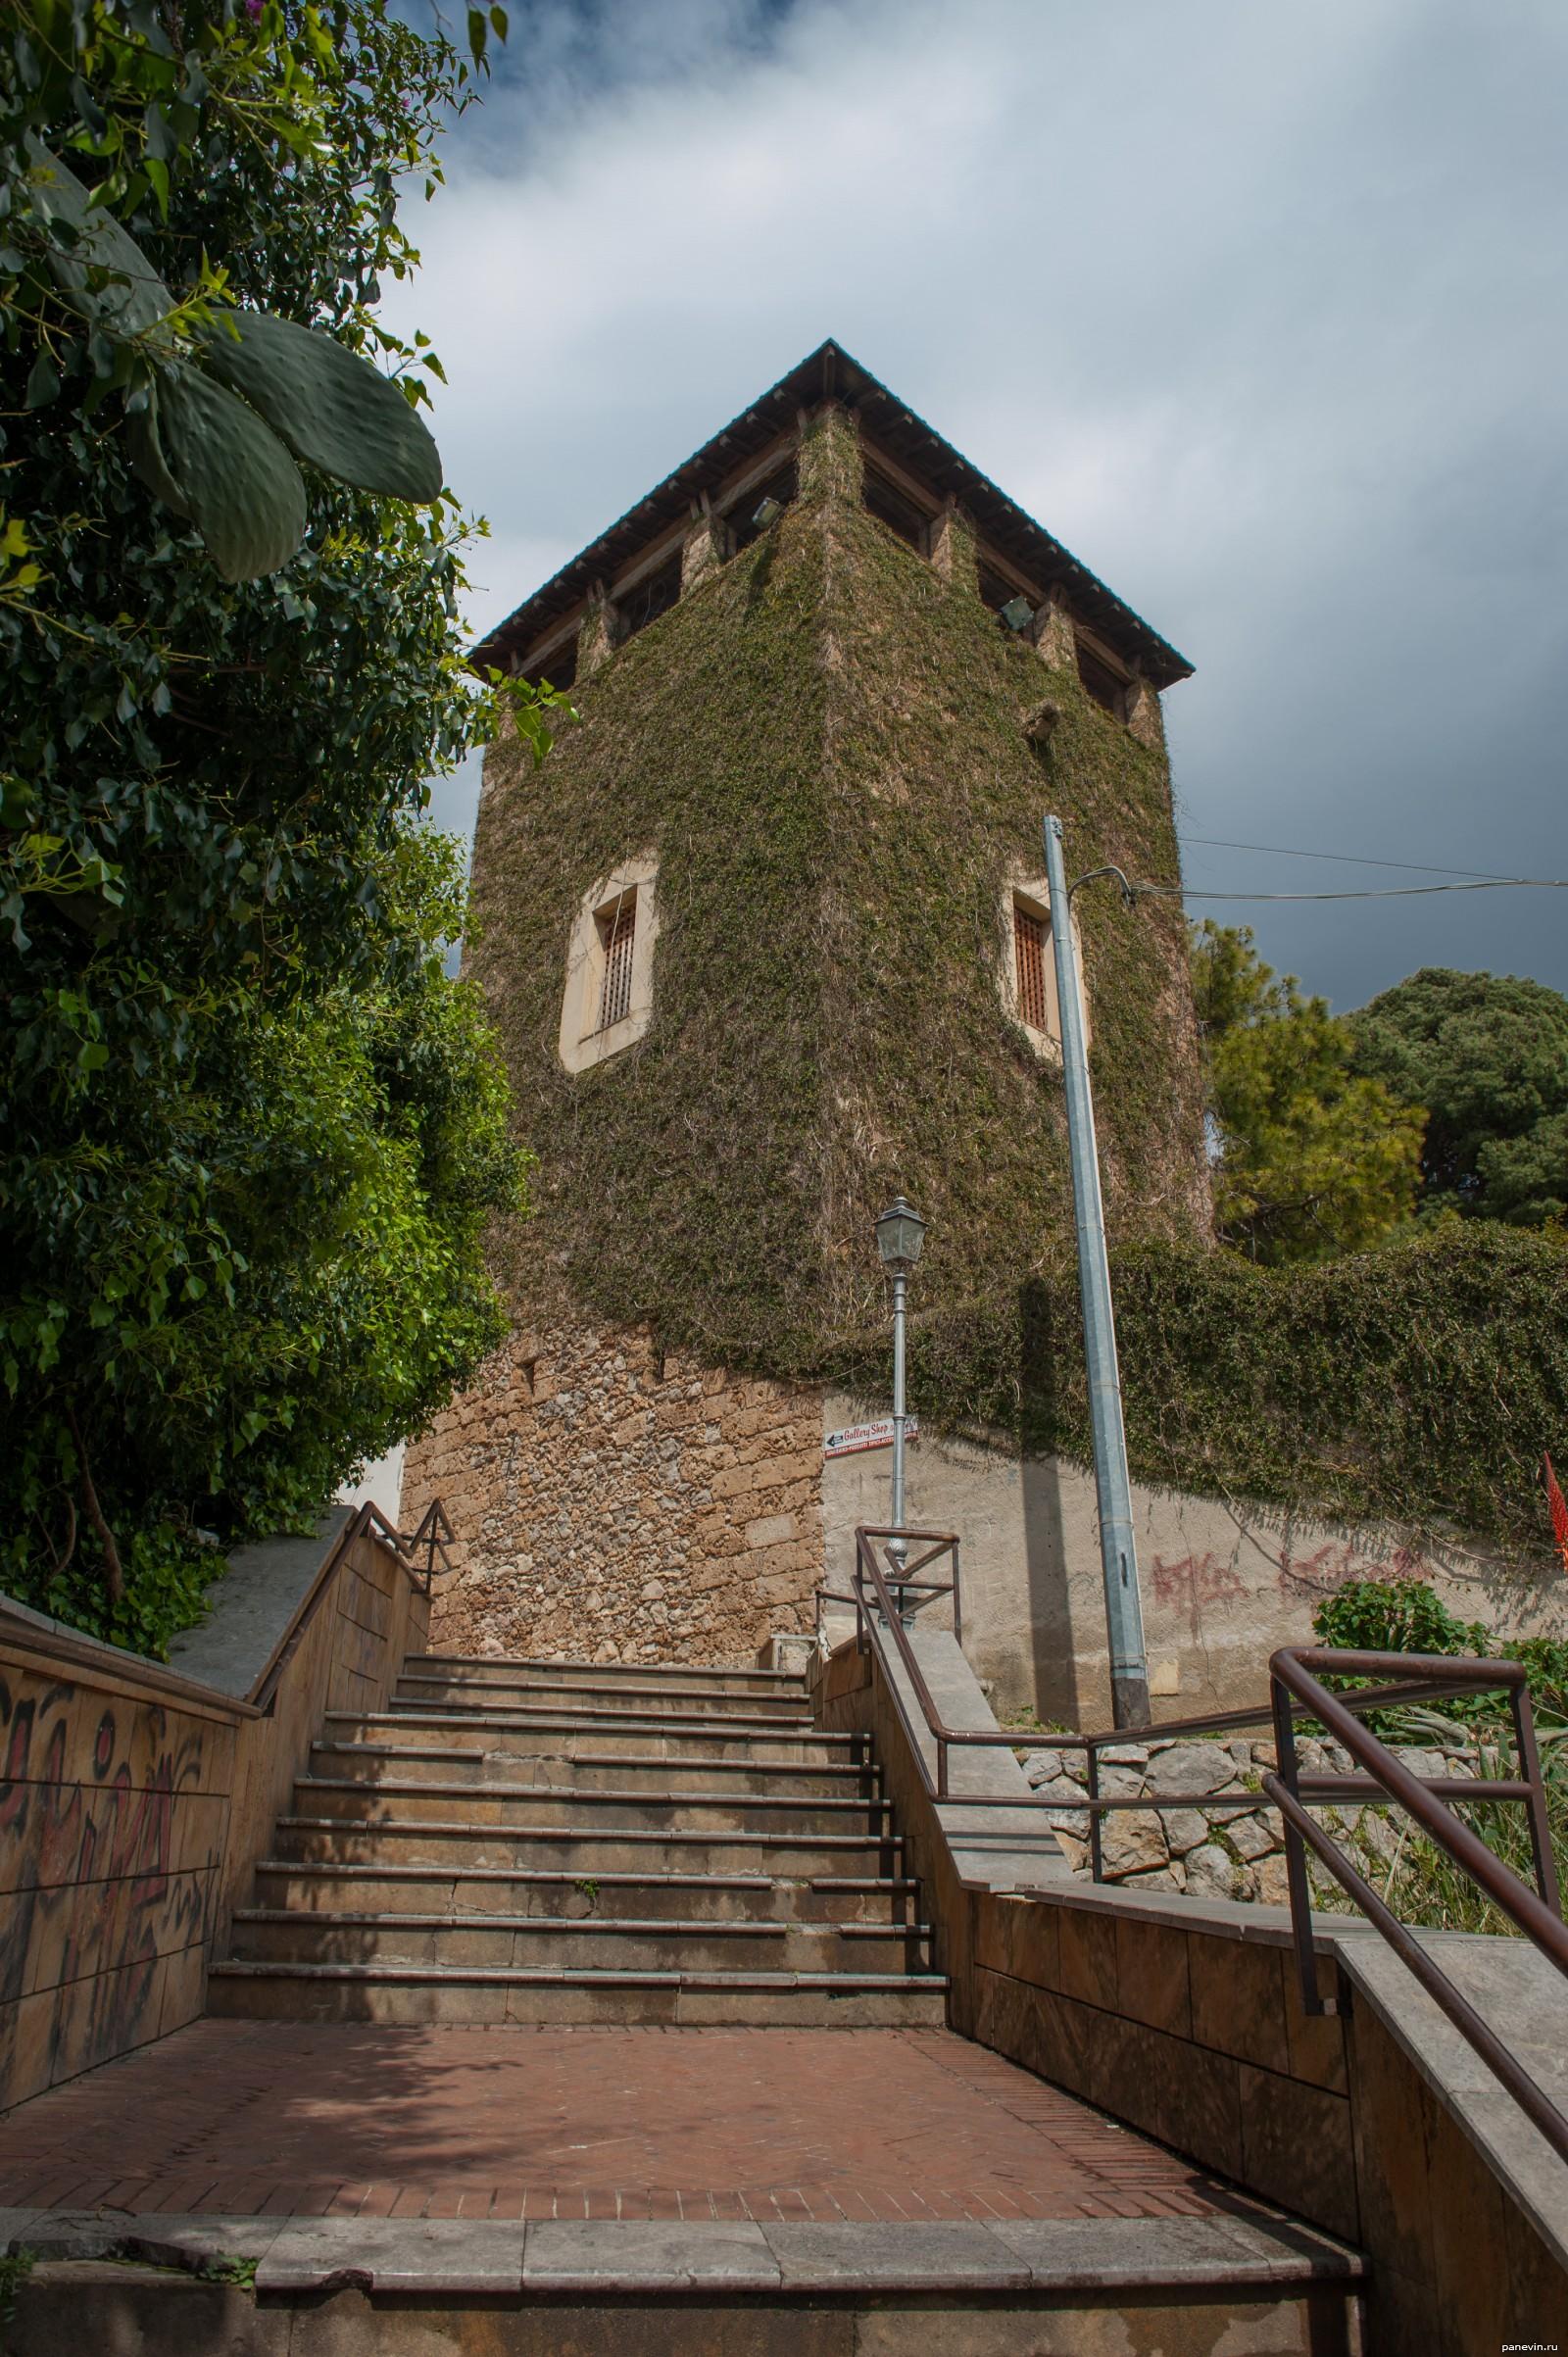 Разврат за стенами женского монастыря 3 фотография